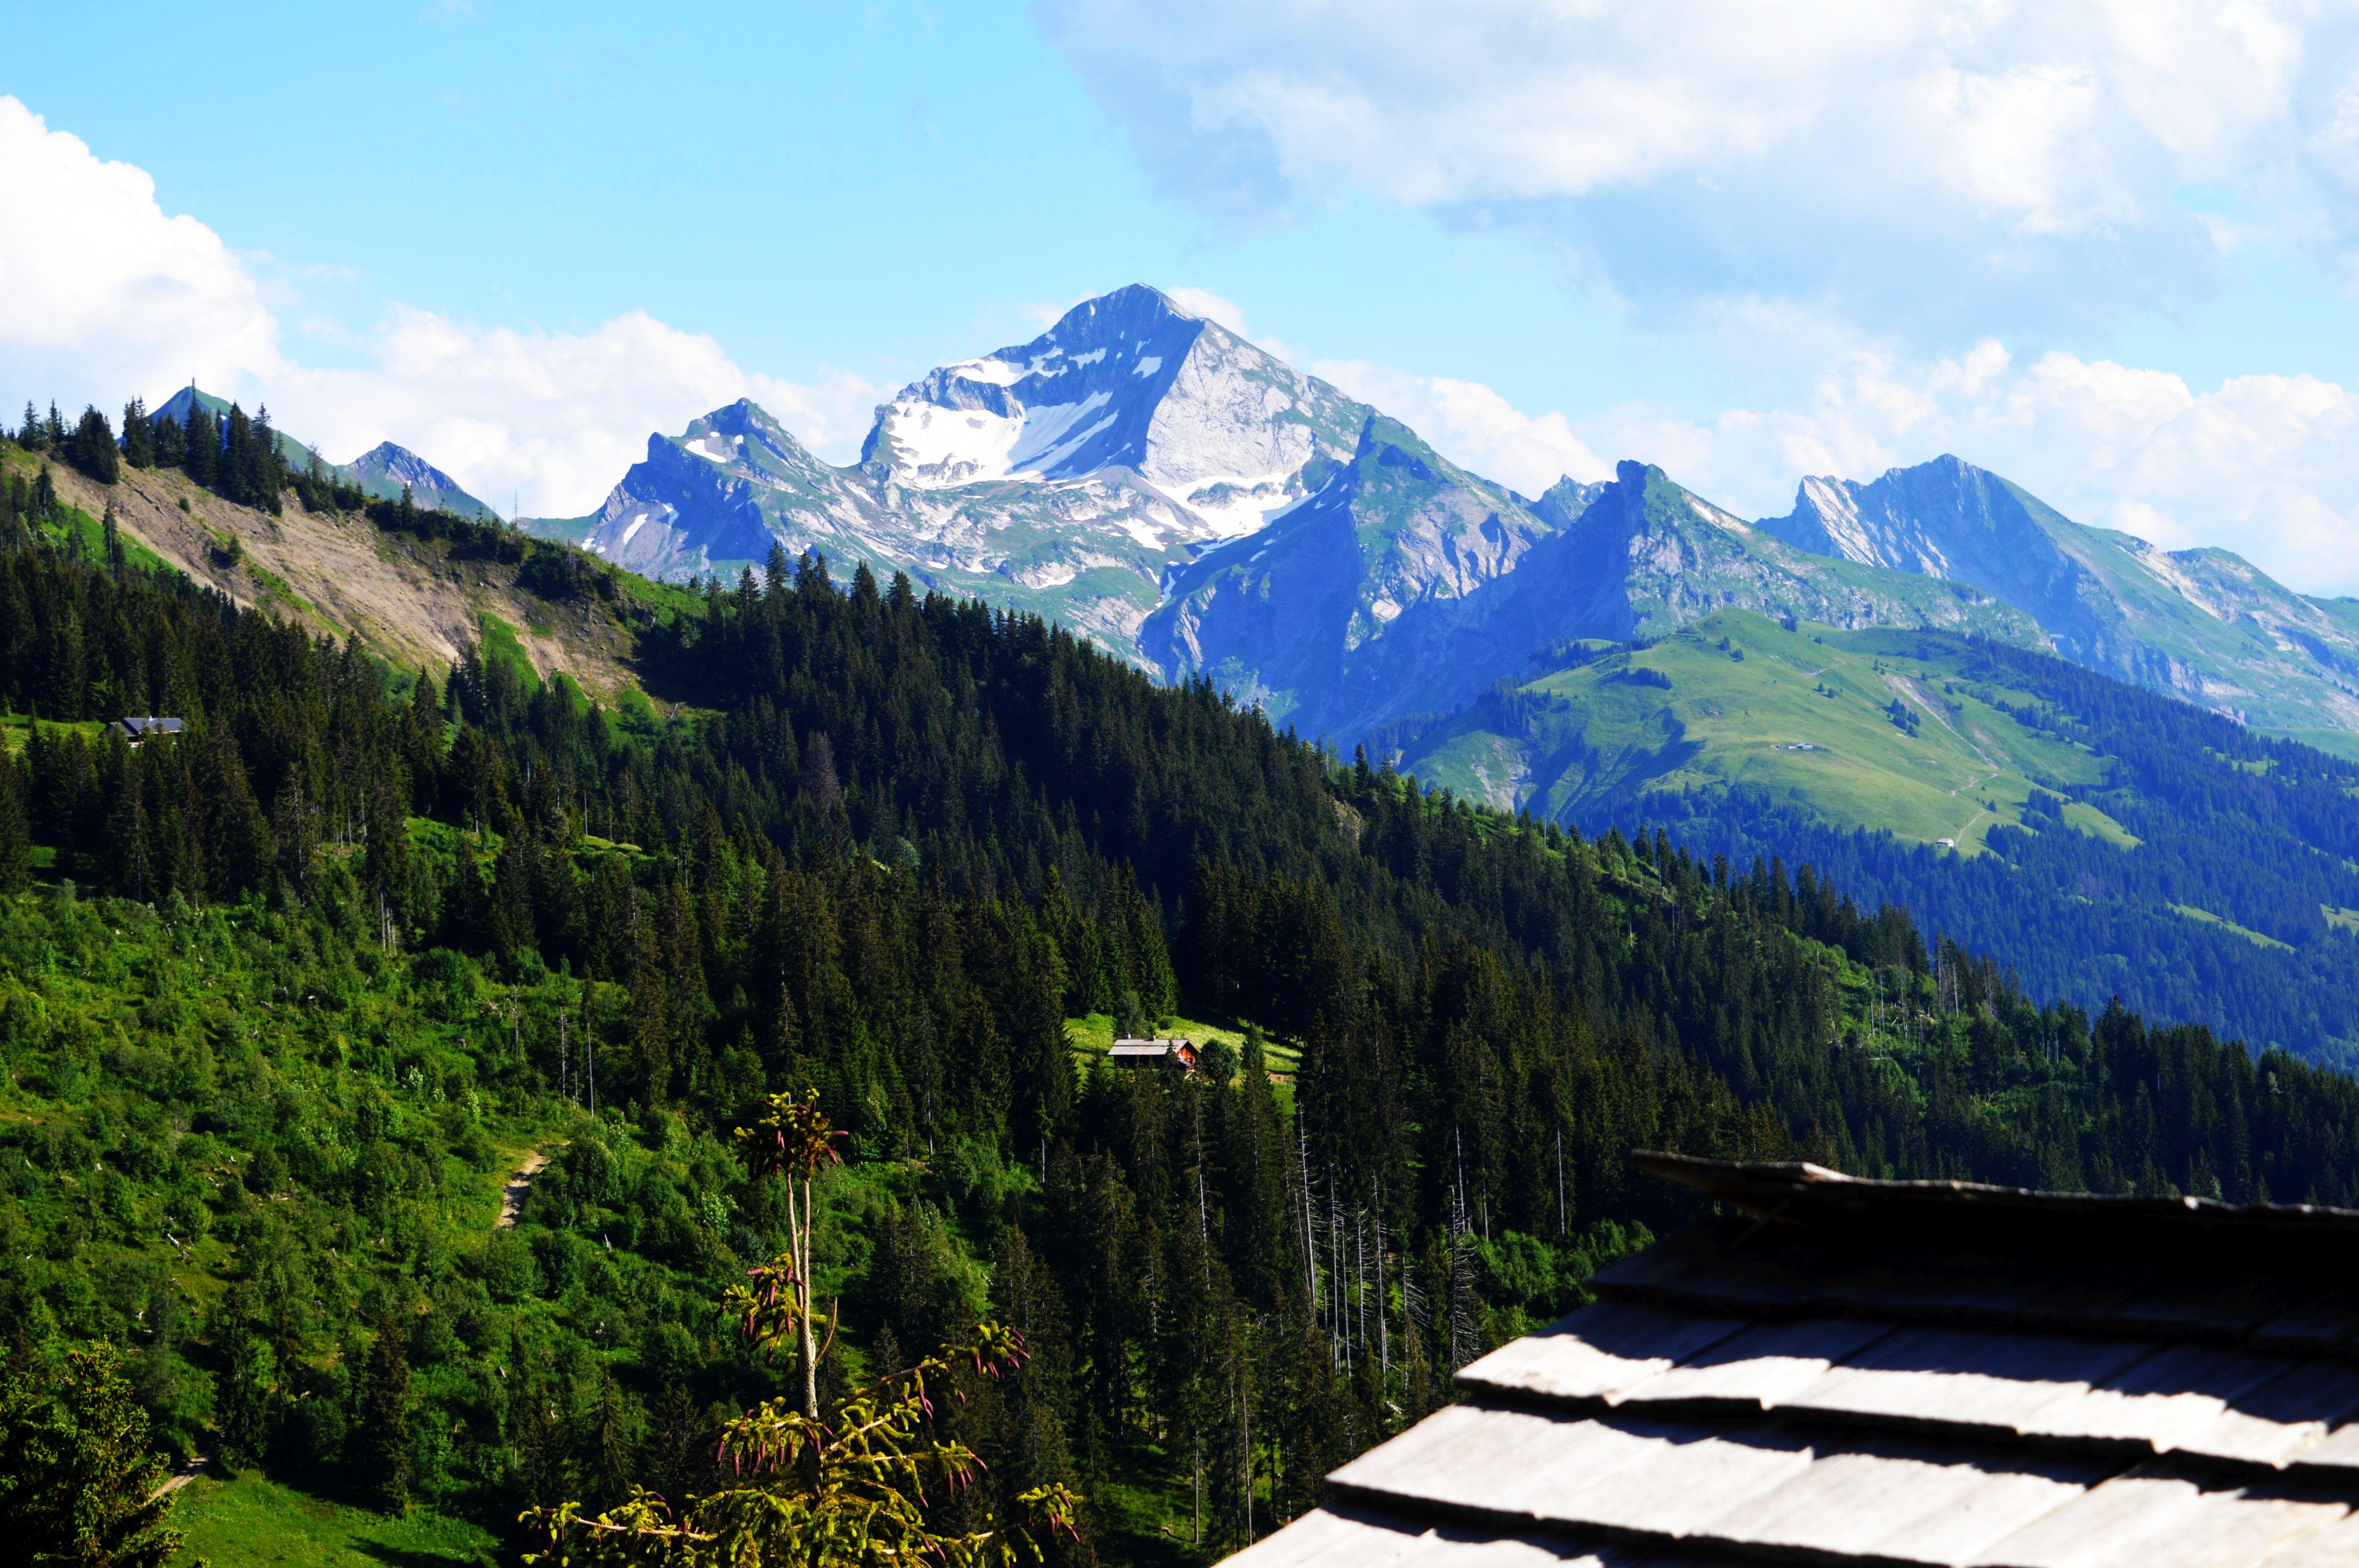 Sarbatoarea-Gustului-Gusturi-si-Destinatii-Franta-Savoie-Manigou-Marc-Veyrat-39